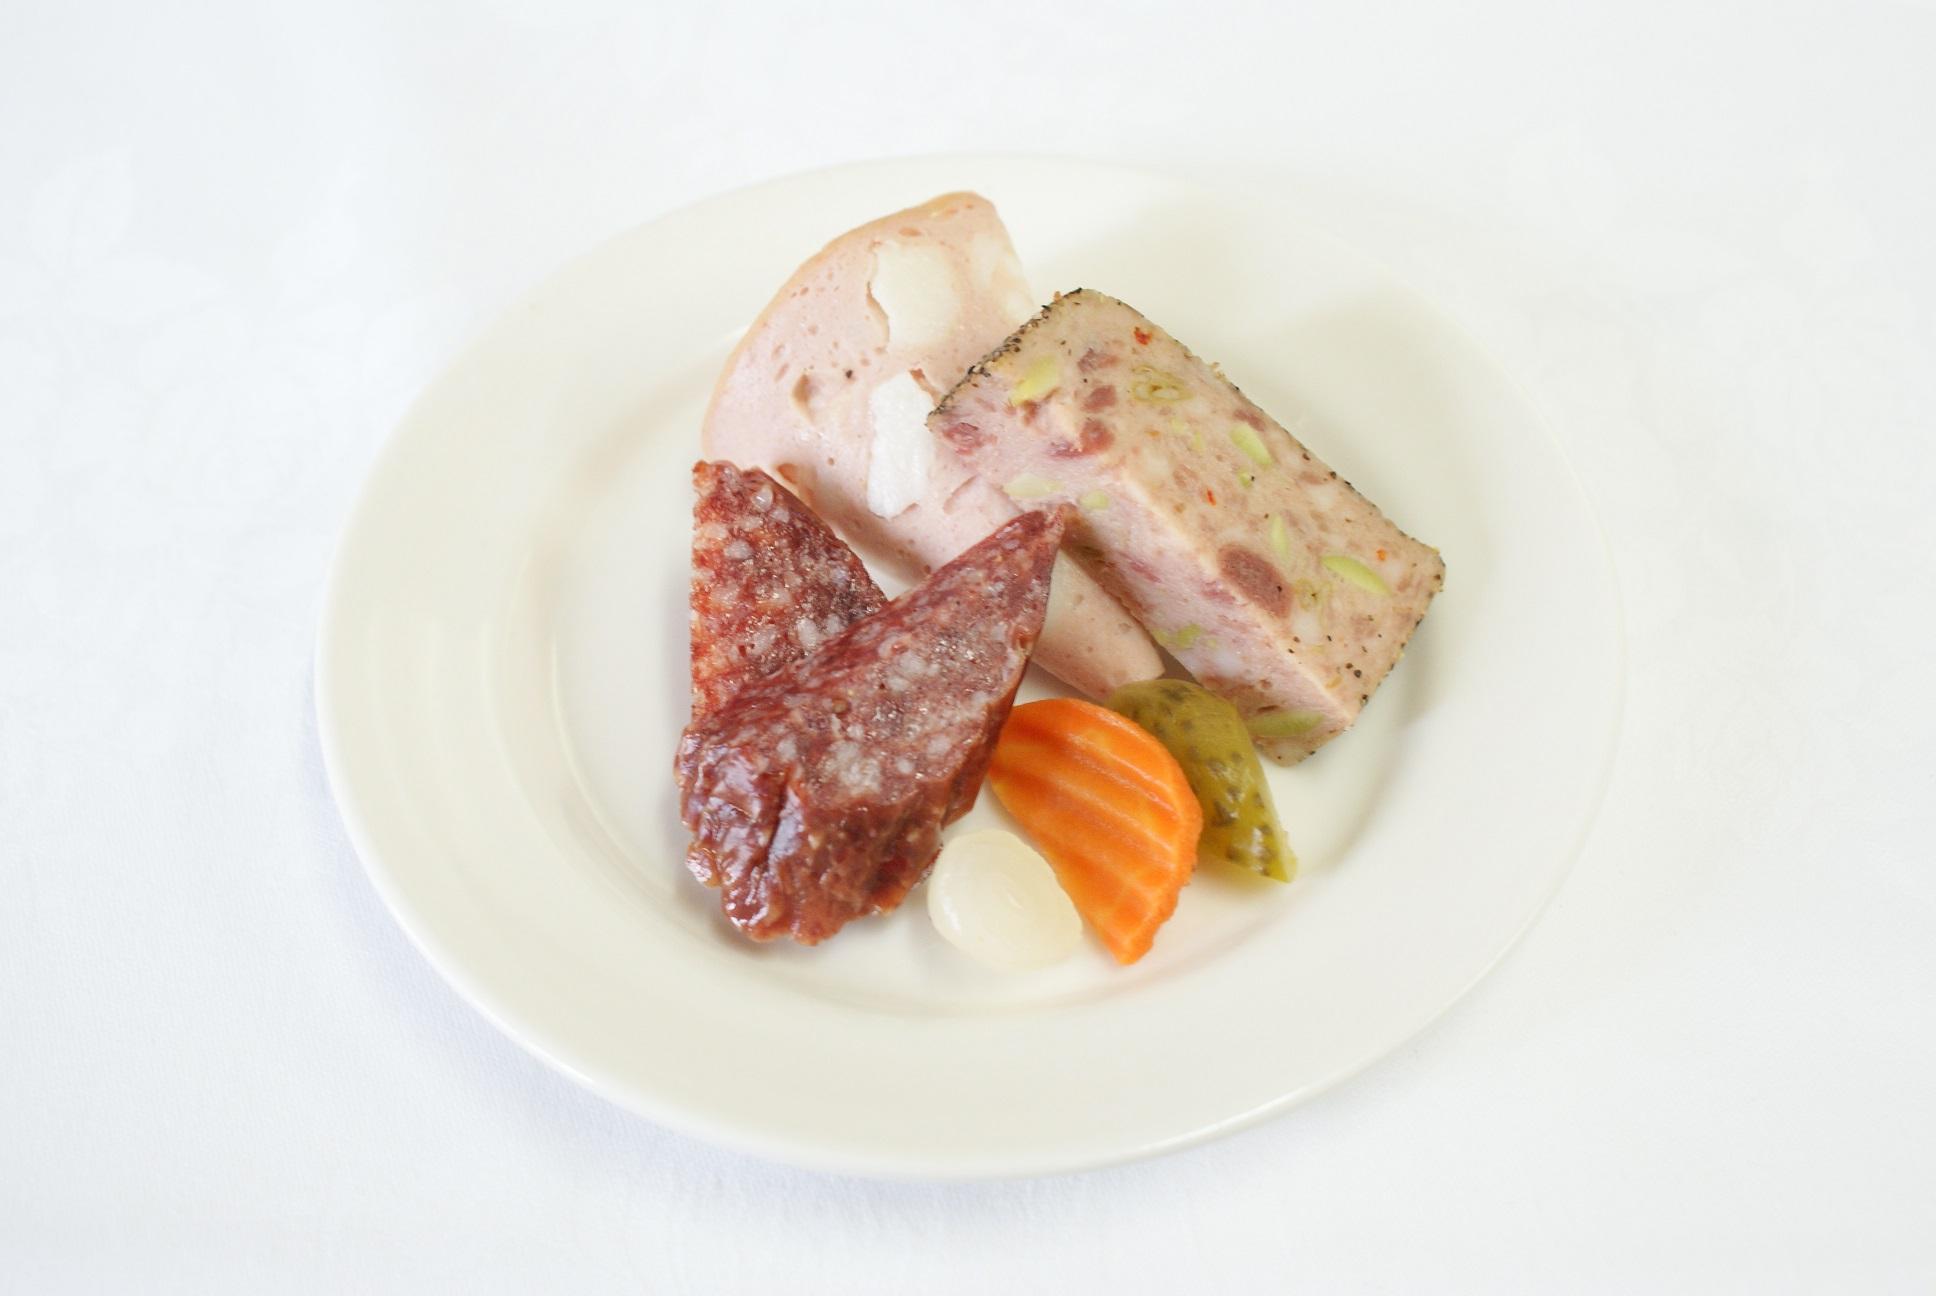 【完全個別包装のカップオードヴル】牛肉のソテーとフォアグラのロッシーニ風 と選べるカップオードヴル画像1